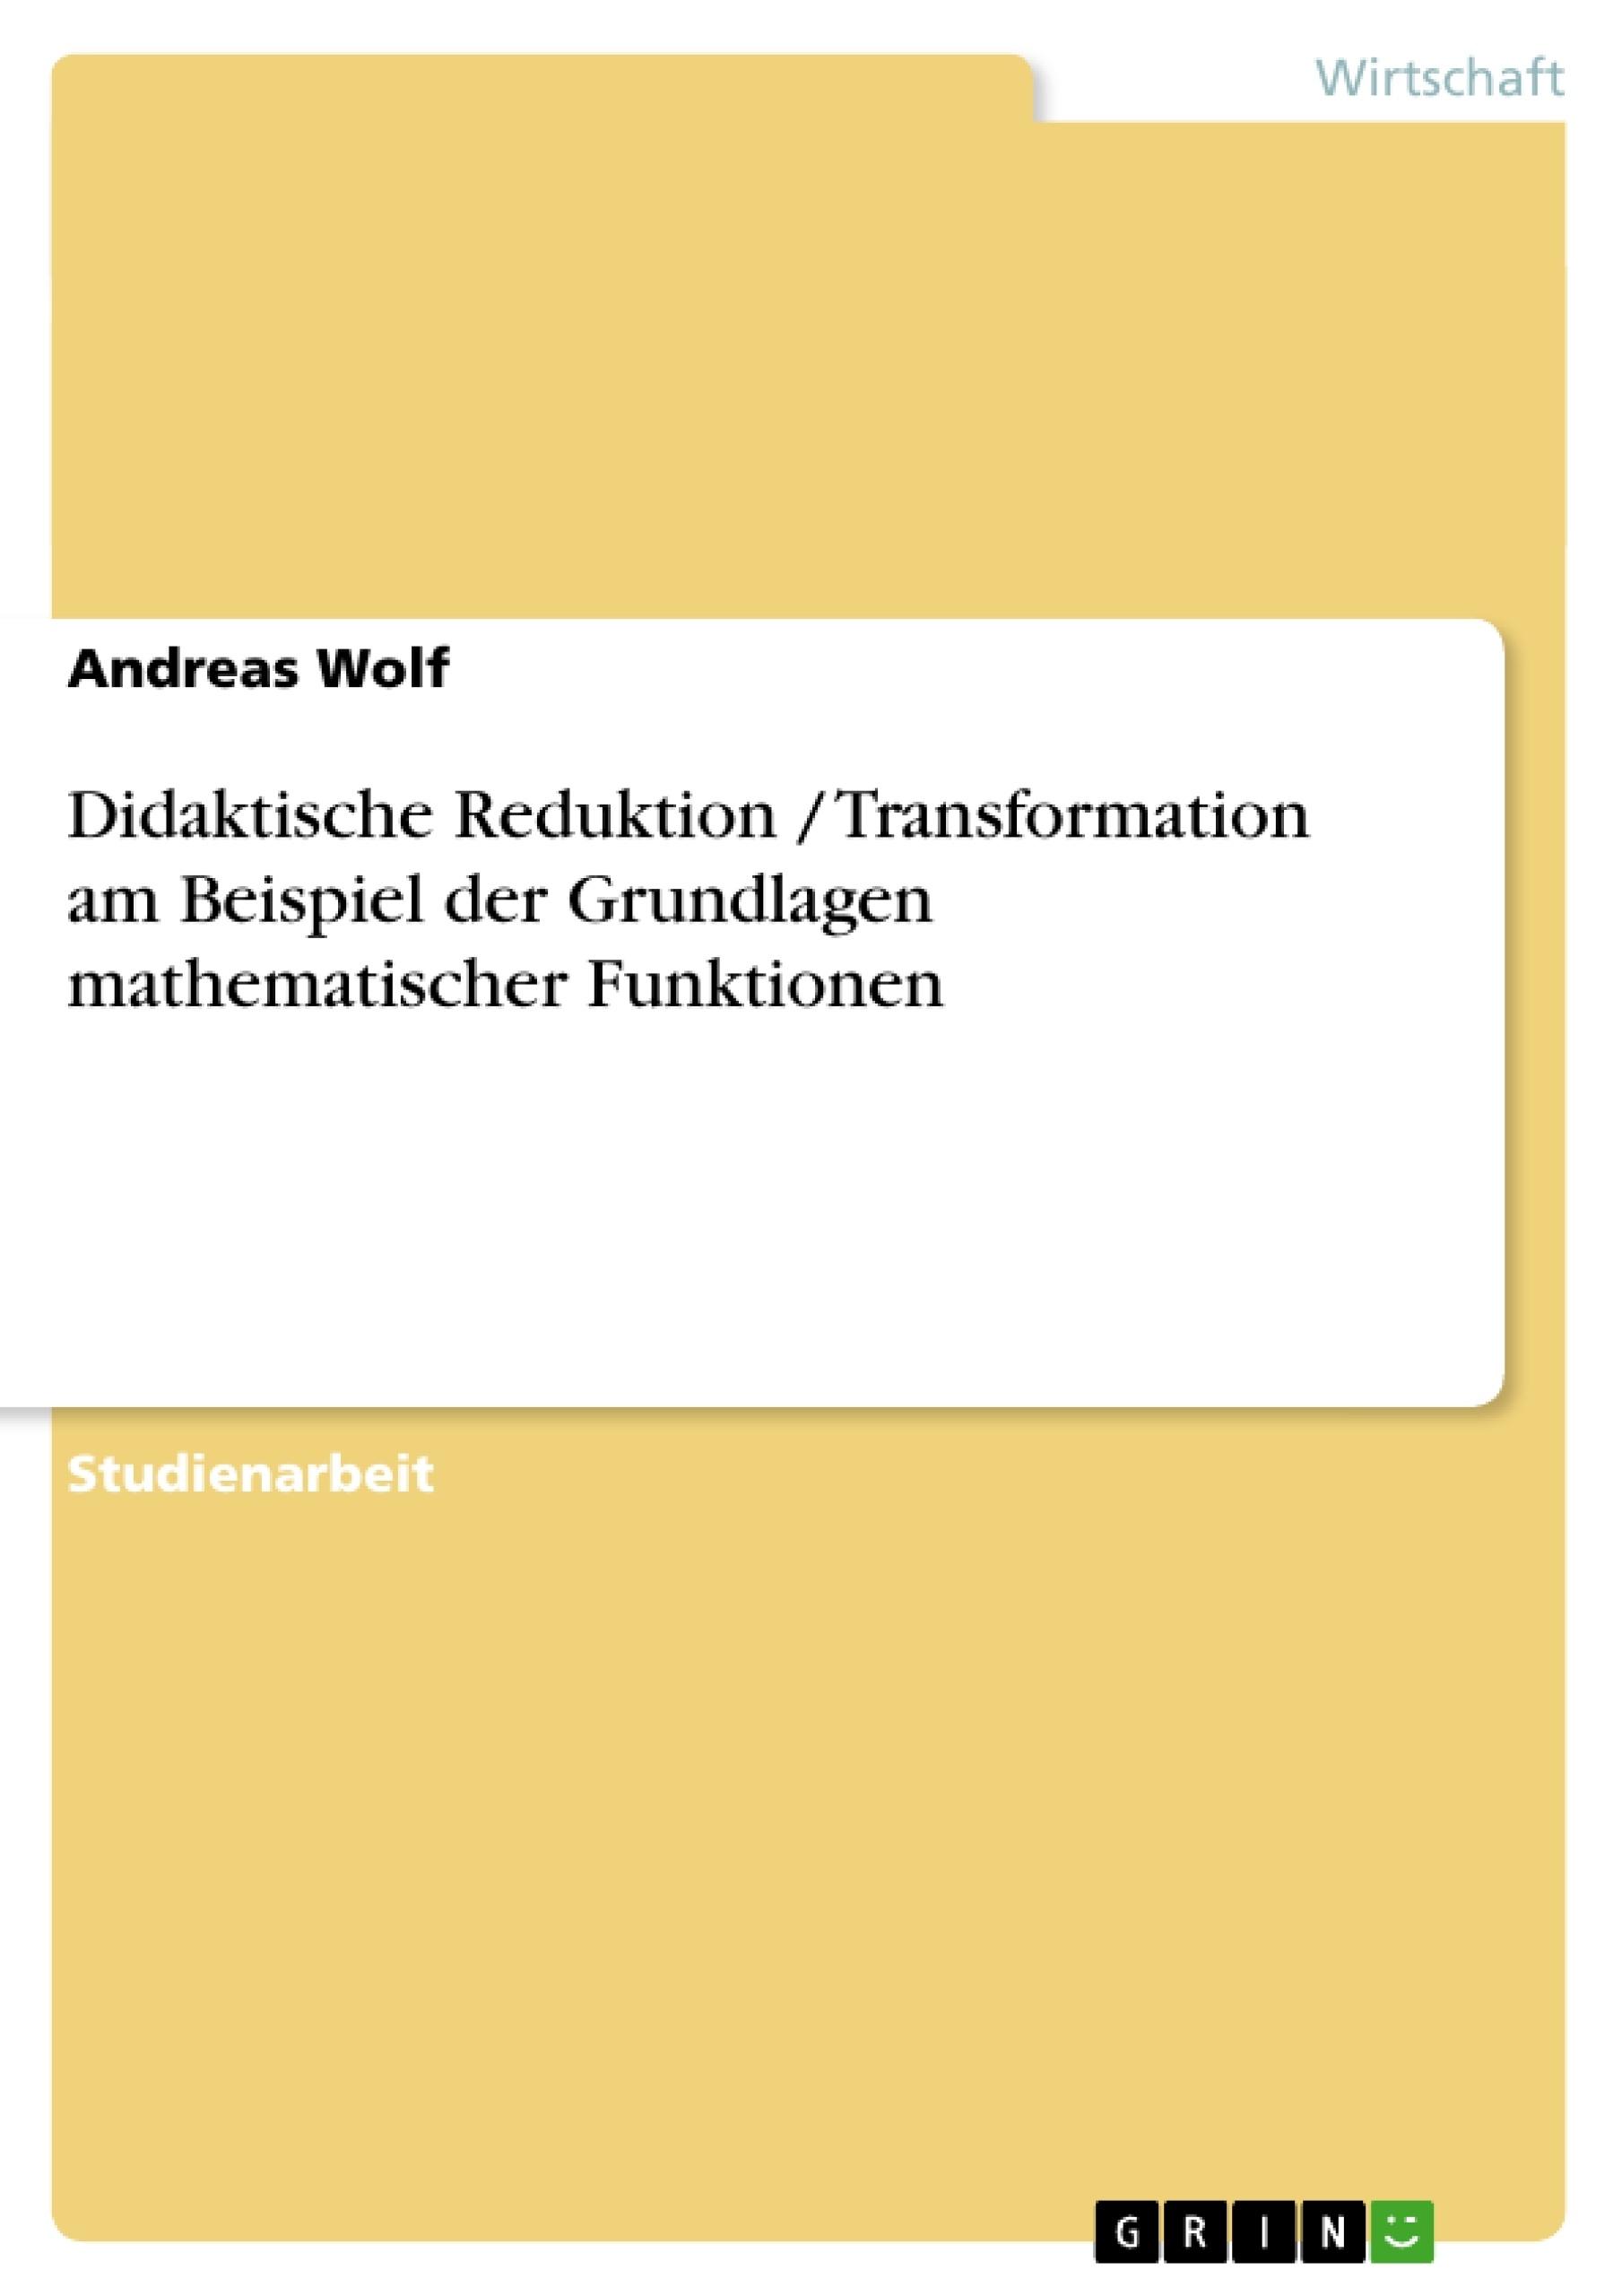 Titel: Didaktische Reduktion / Transformation am Beispiel der Grundlagen mathematischer Funktionen